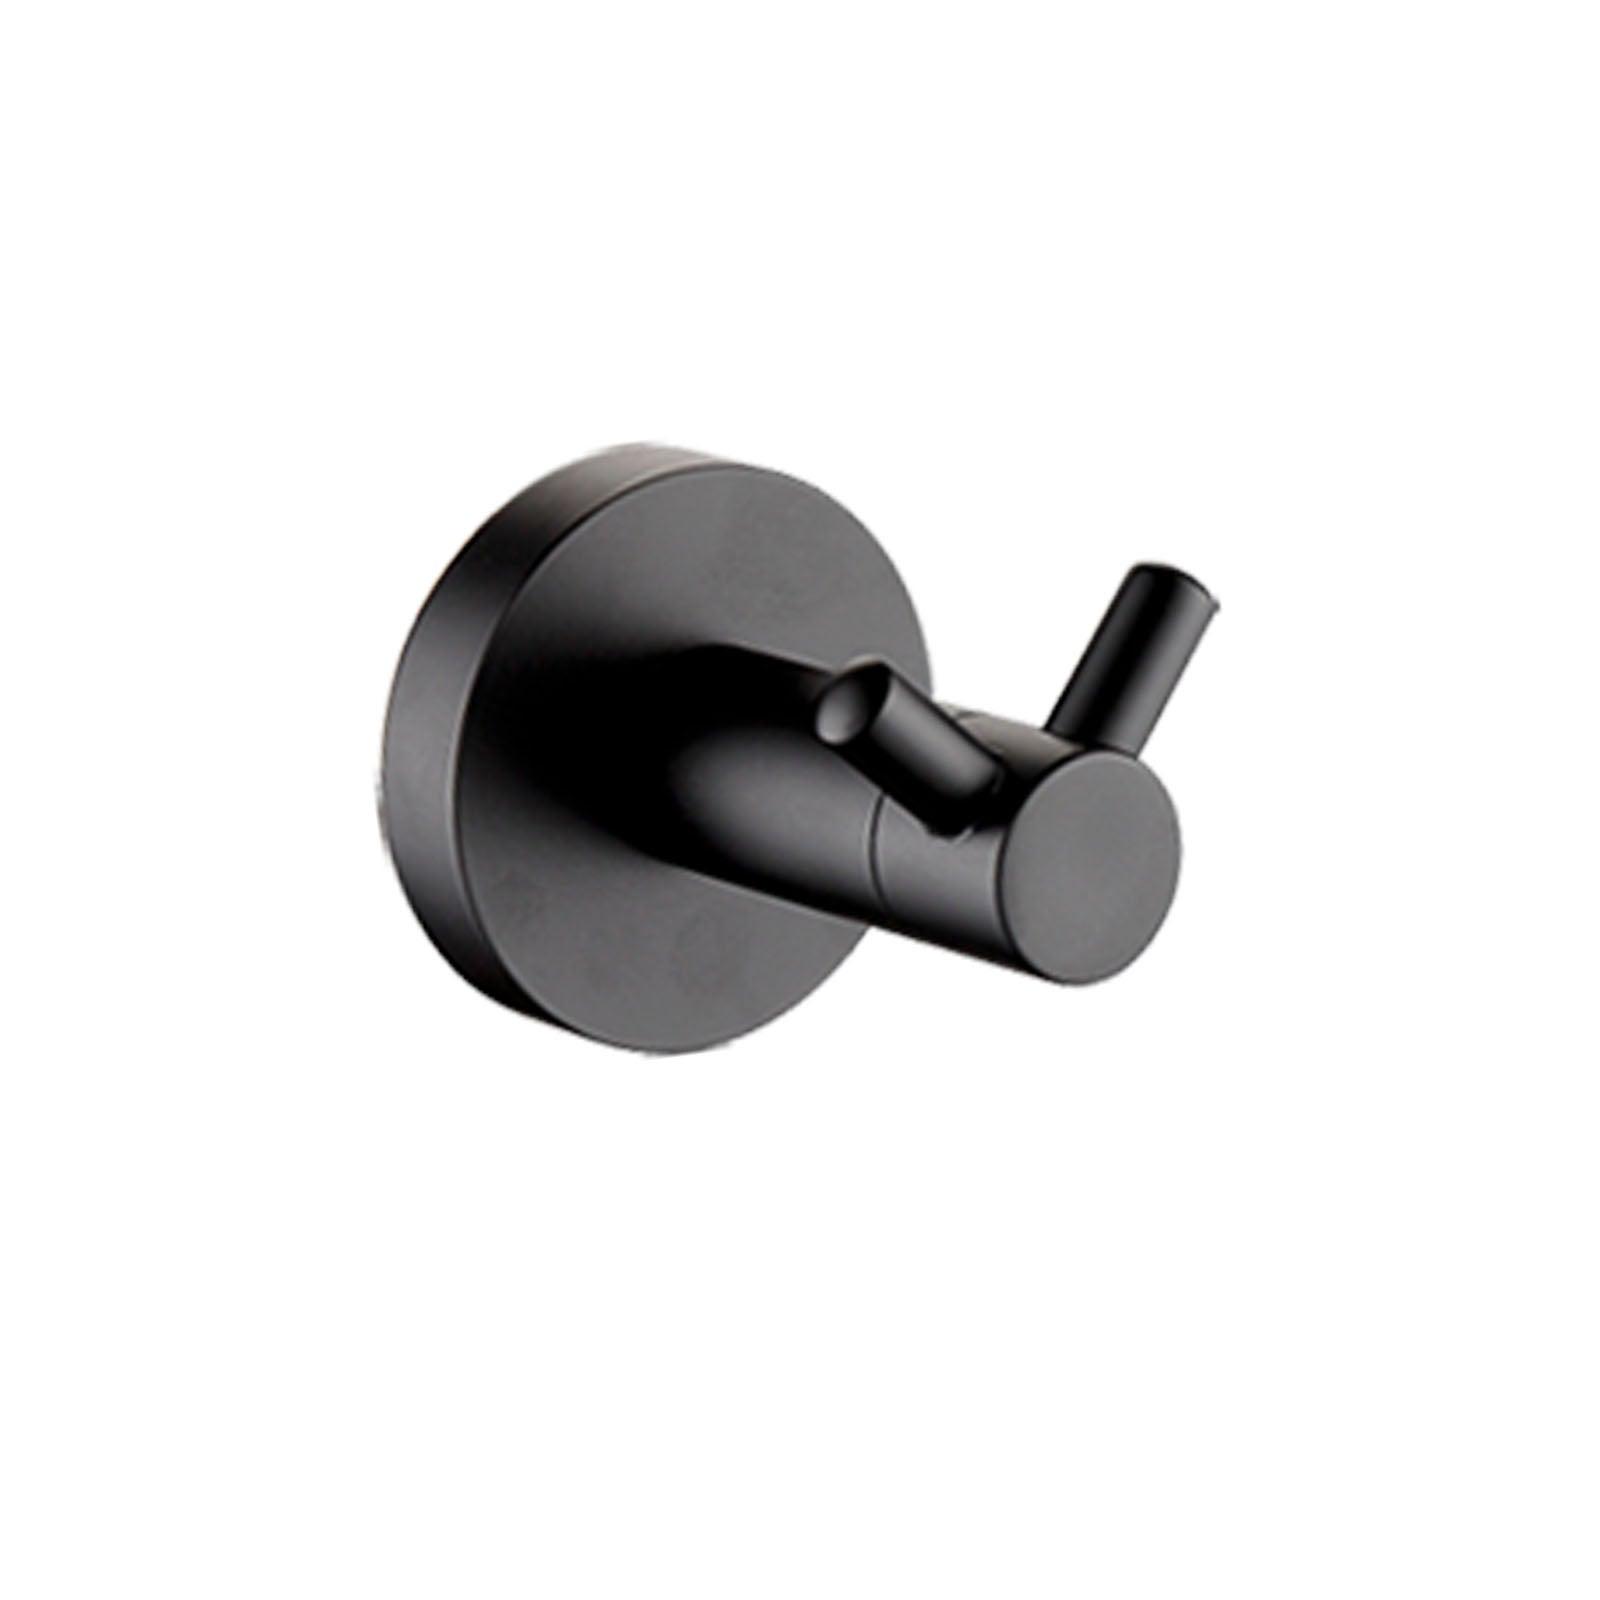 MATT BLACK Round Robe Hook Hanger Organizer Bathroom Stainless Steel Wall Mount